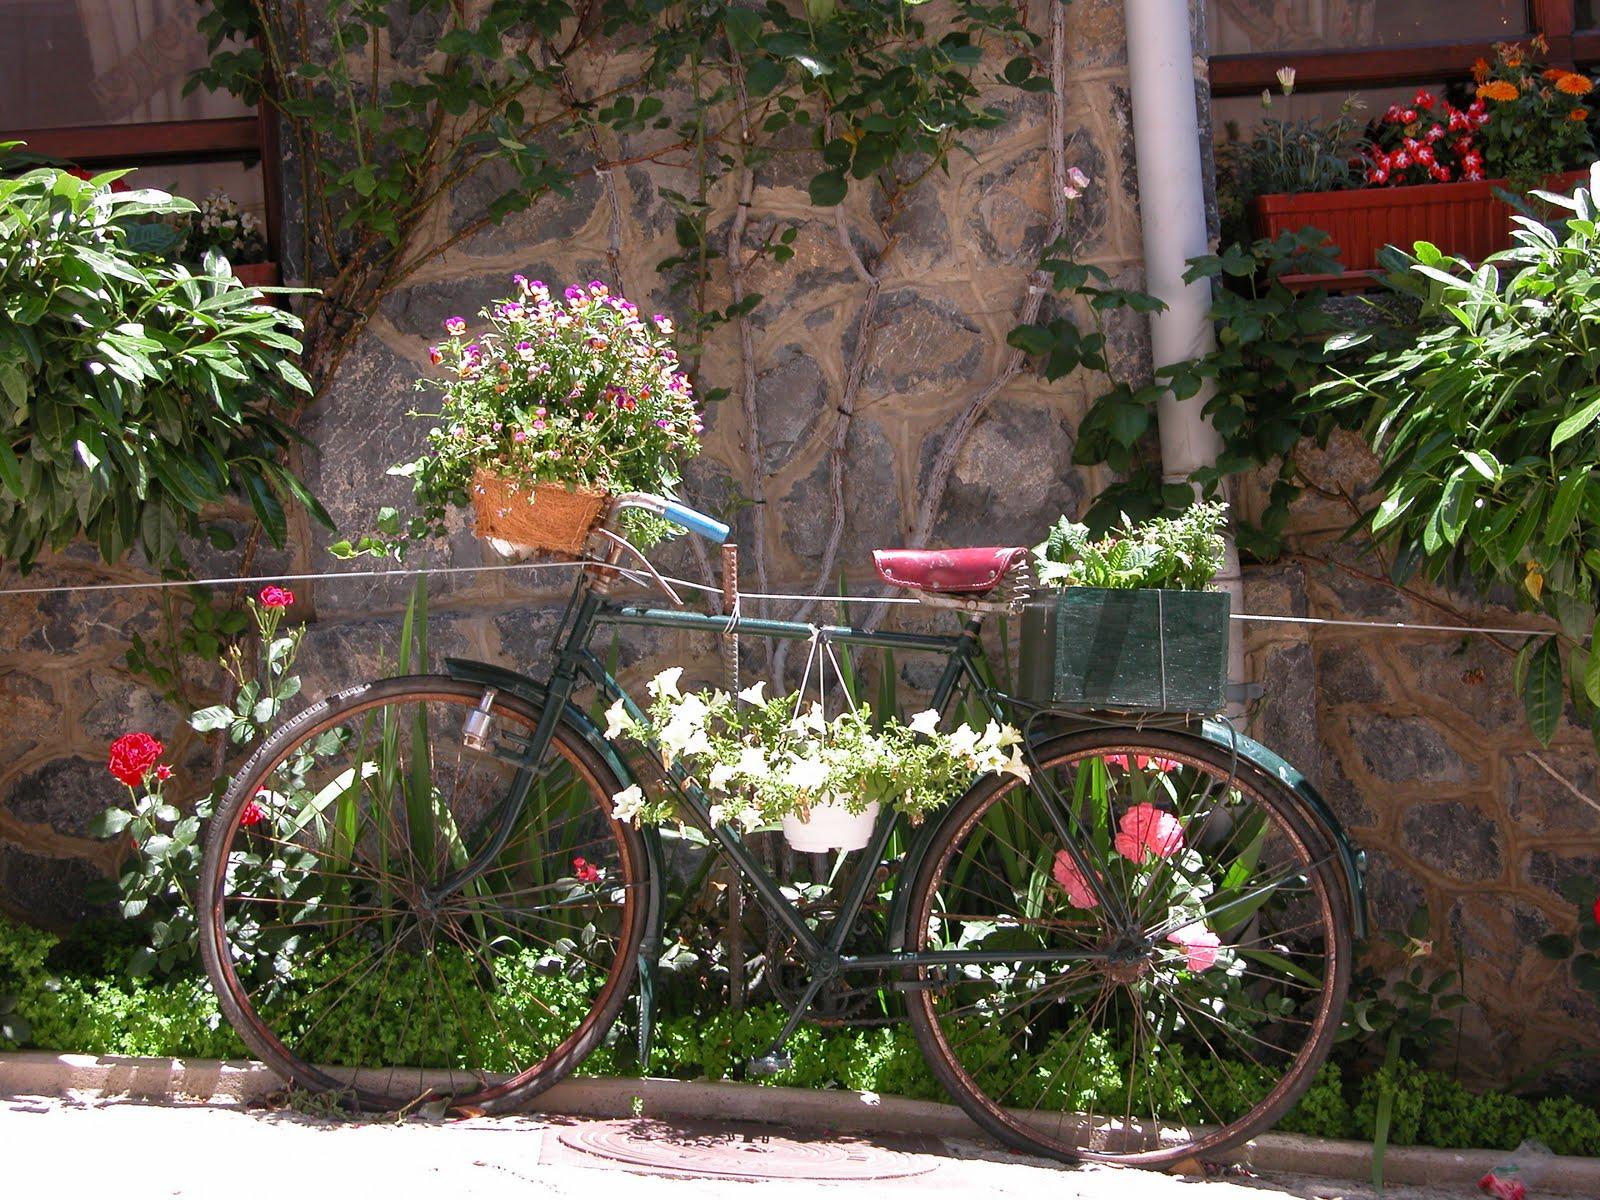 ideias para jardim simples:Ideias para um jardim